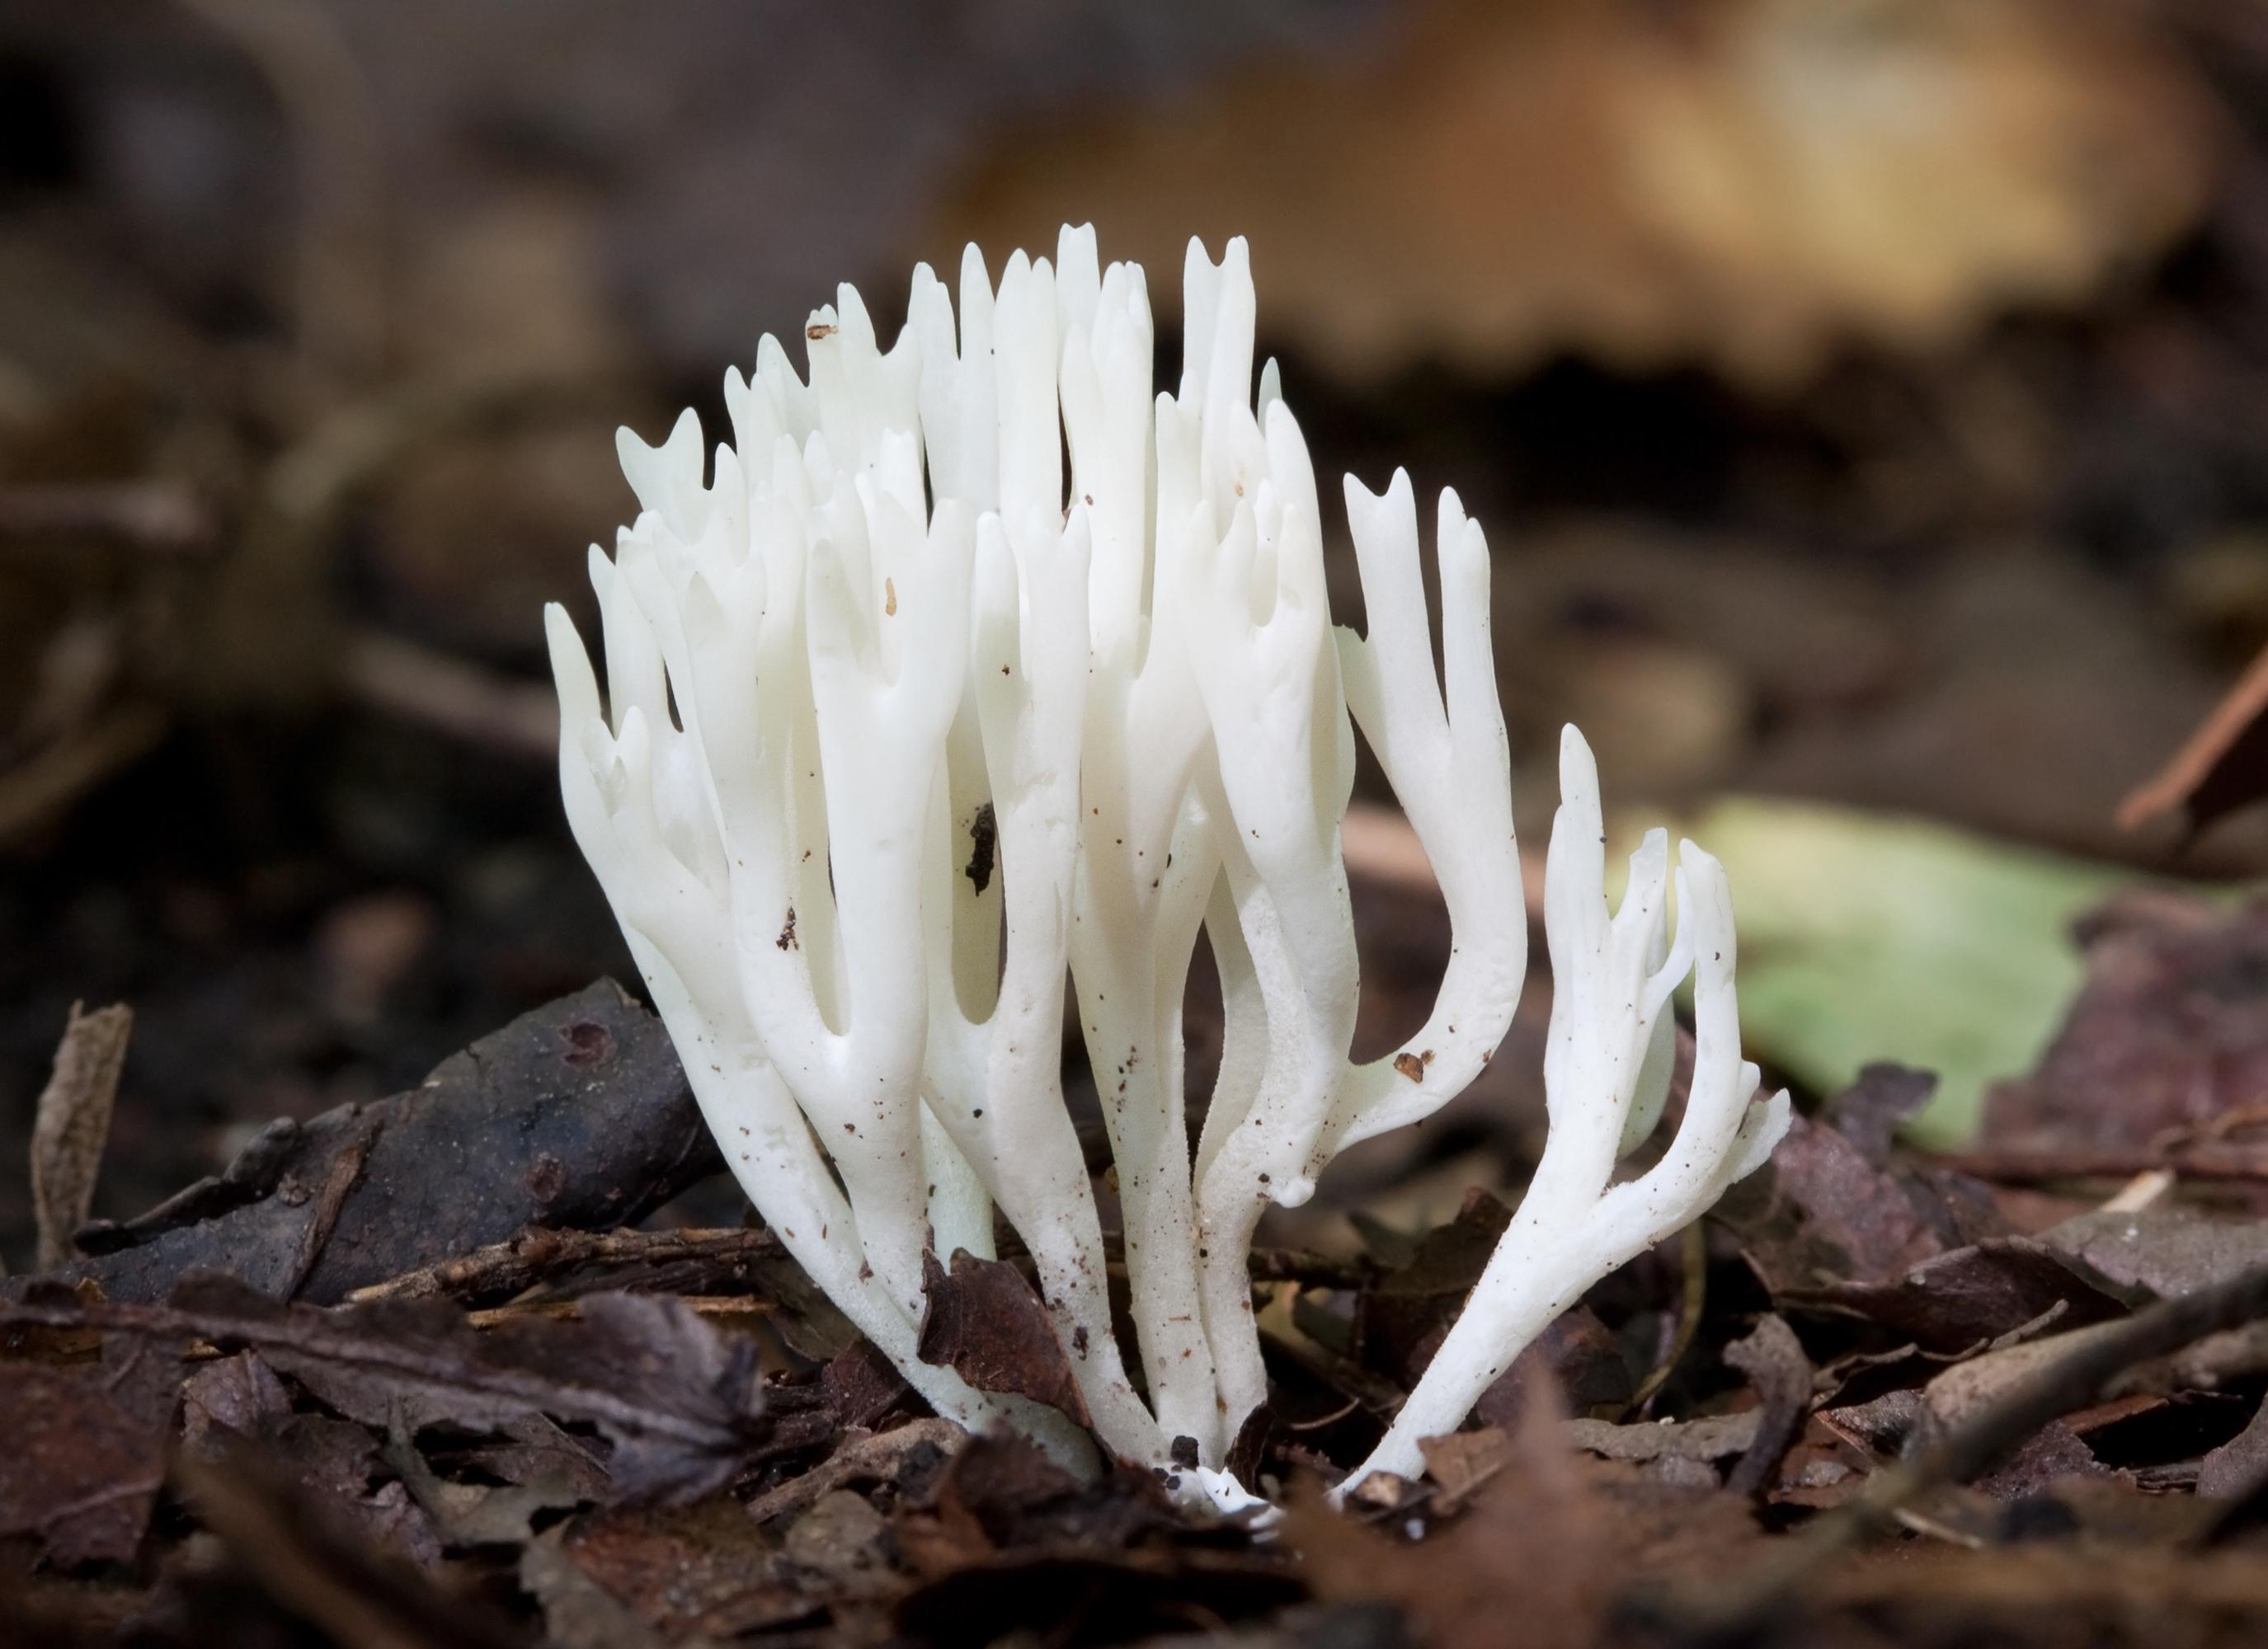 Coral Mushroom Edible